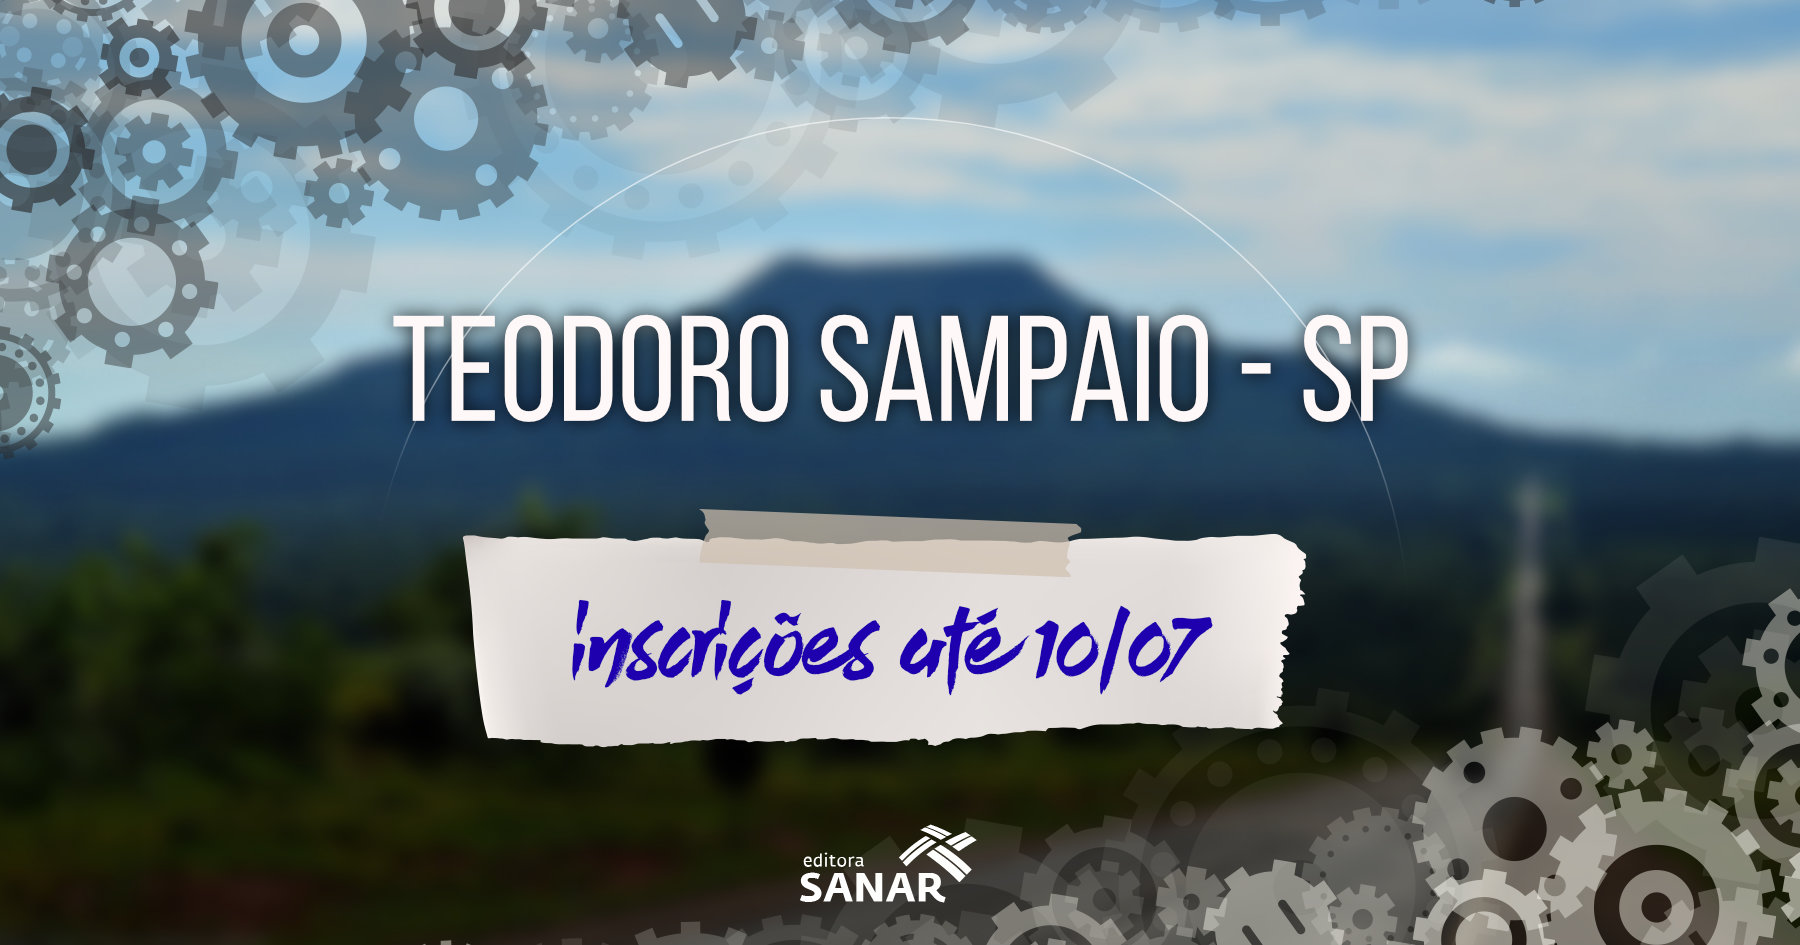 Concurso: 14 vagas para médicos em Teodoro Sampaio